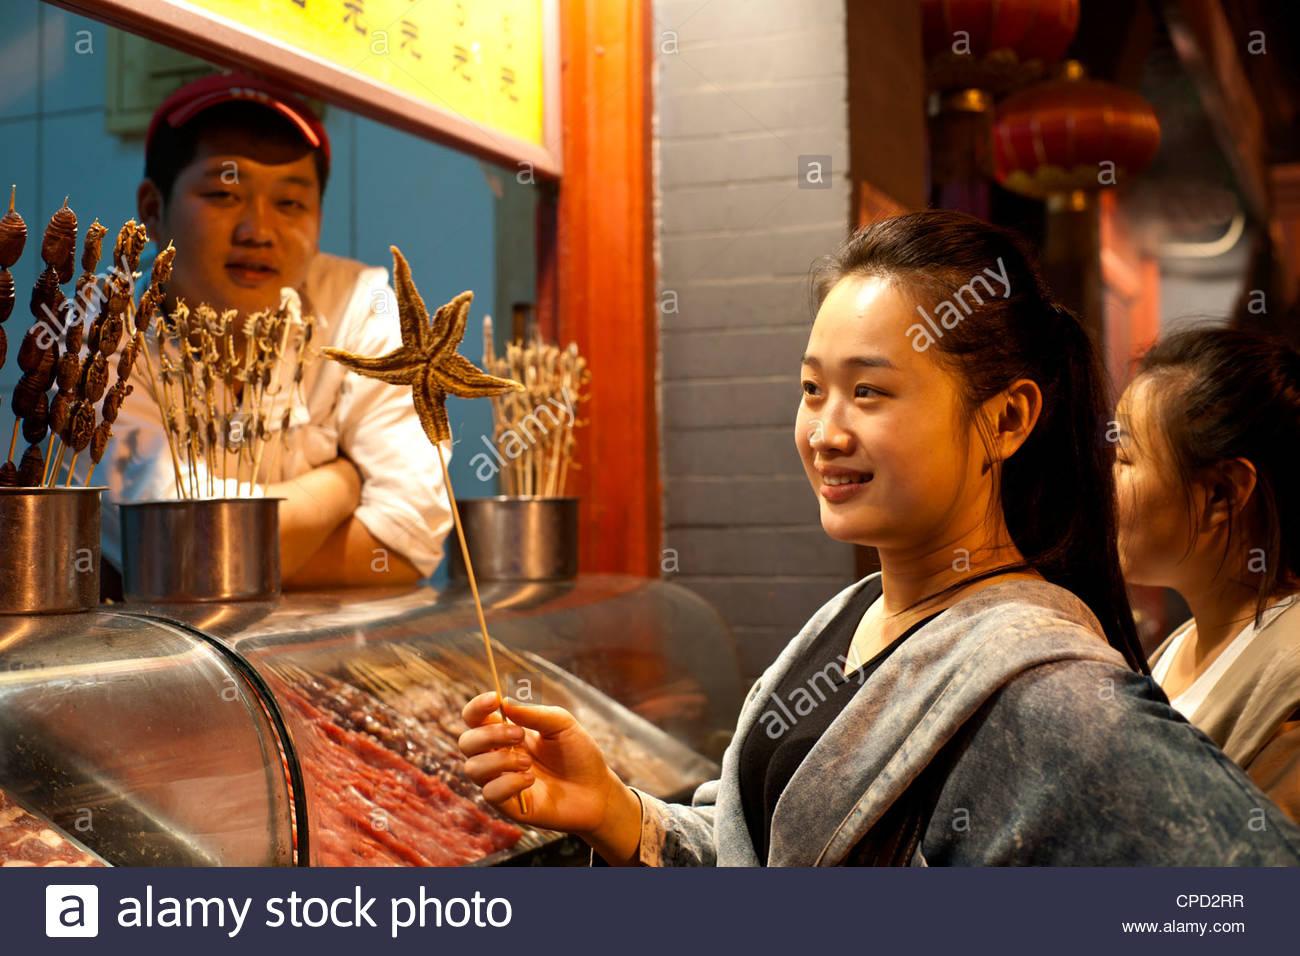 Woman purchasing a starfish on a stick at the Night Market, Wangfujing, Beijing, China, Asia - Stock Image